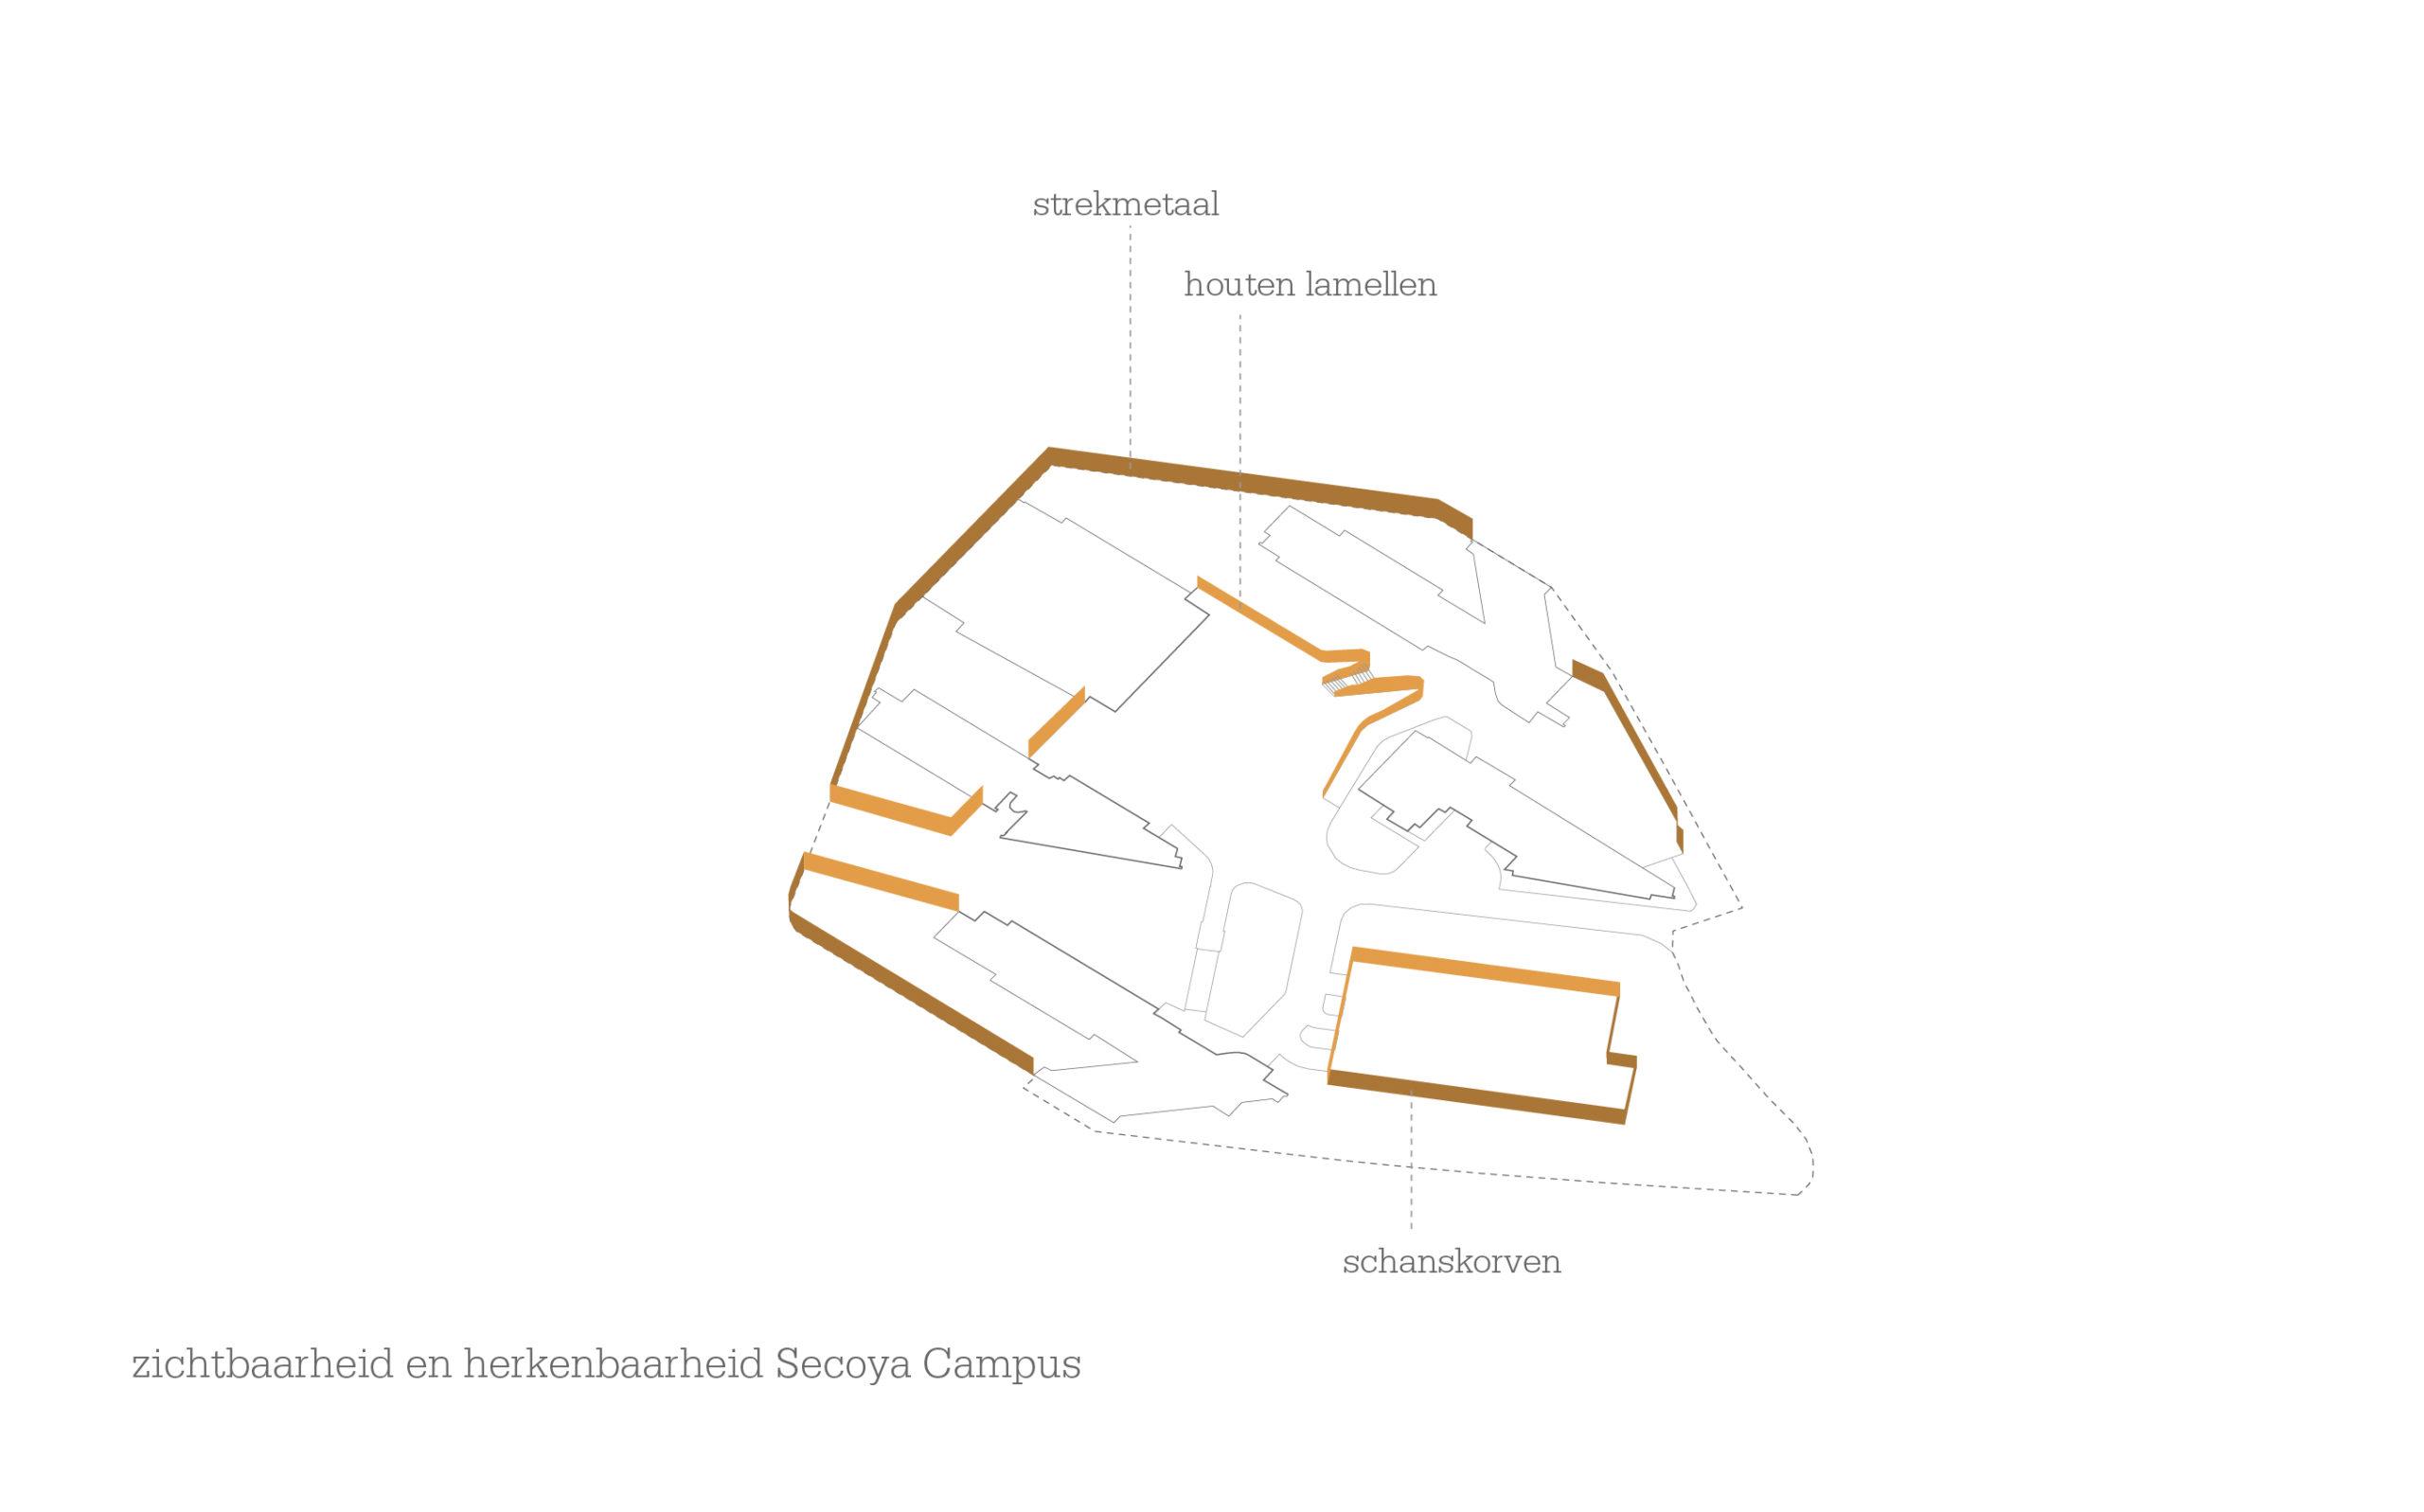 1601-Secoya Campus Utrecht_07-zichtbaarheid en herkenbaarheid Secoya Campus